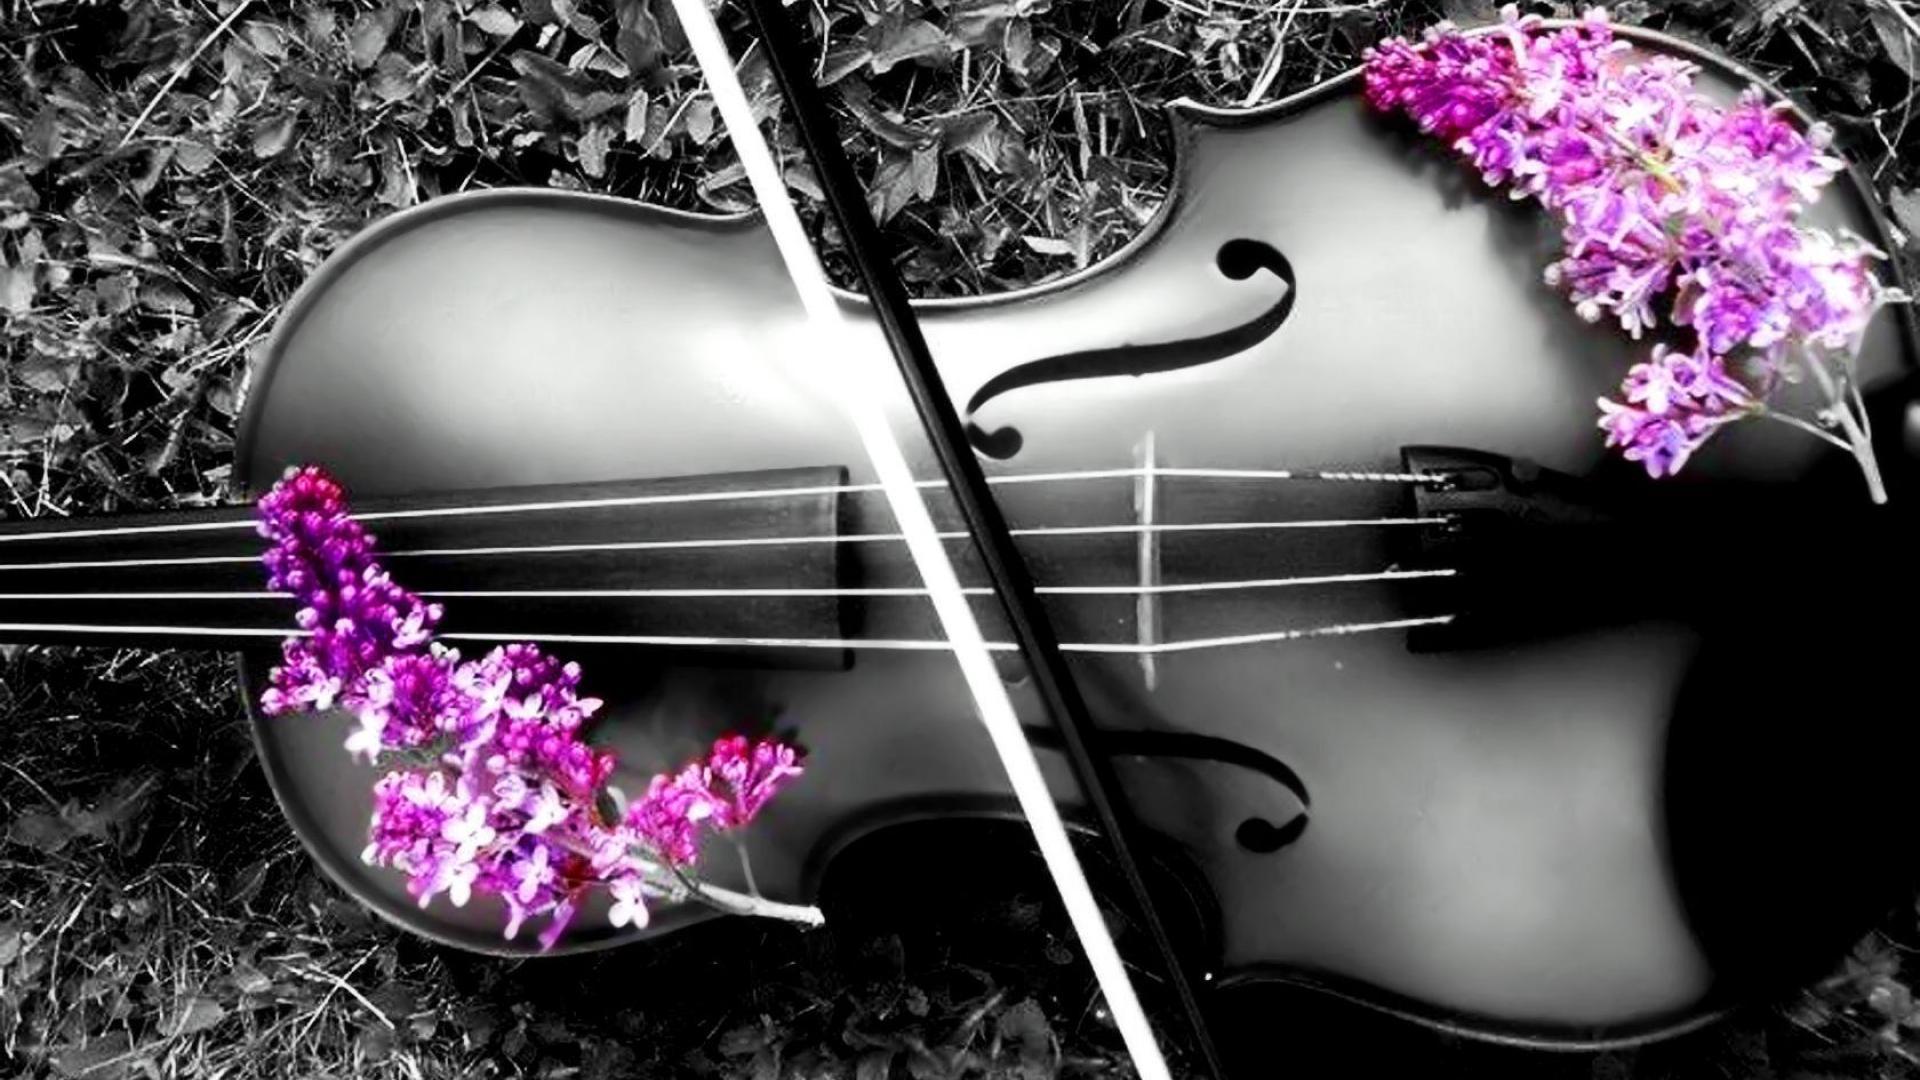 Cello Wallpaper Photo 22287 Hd Pictures: 1920x1080px Violin Wallpaper